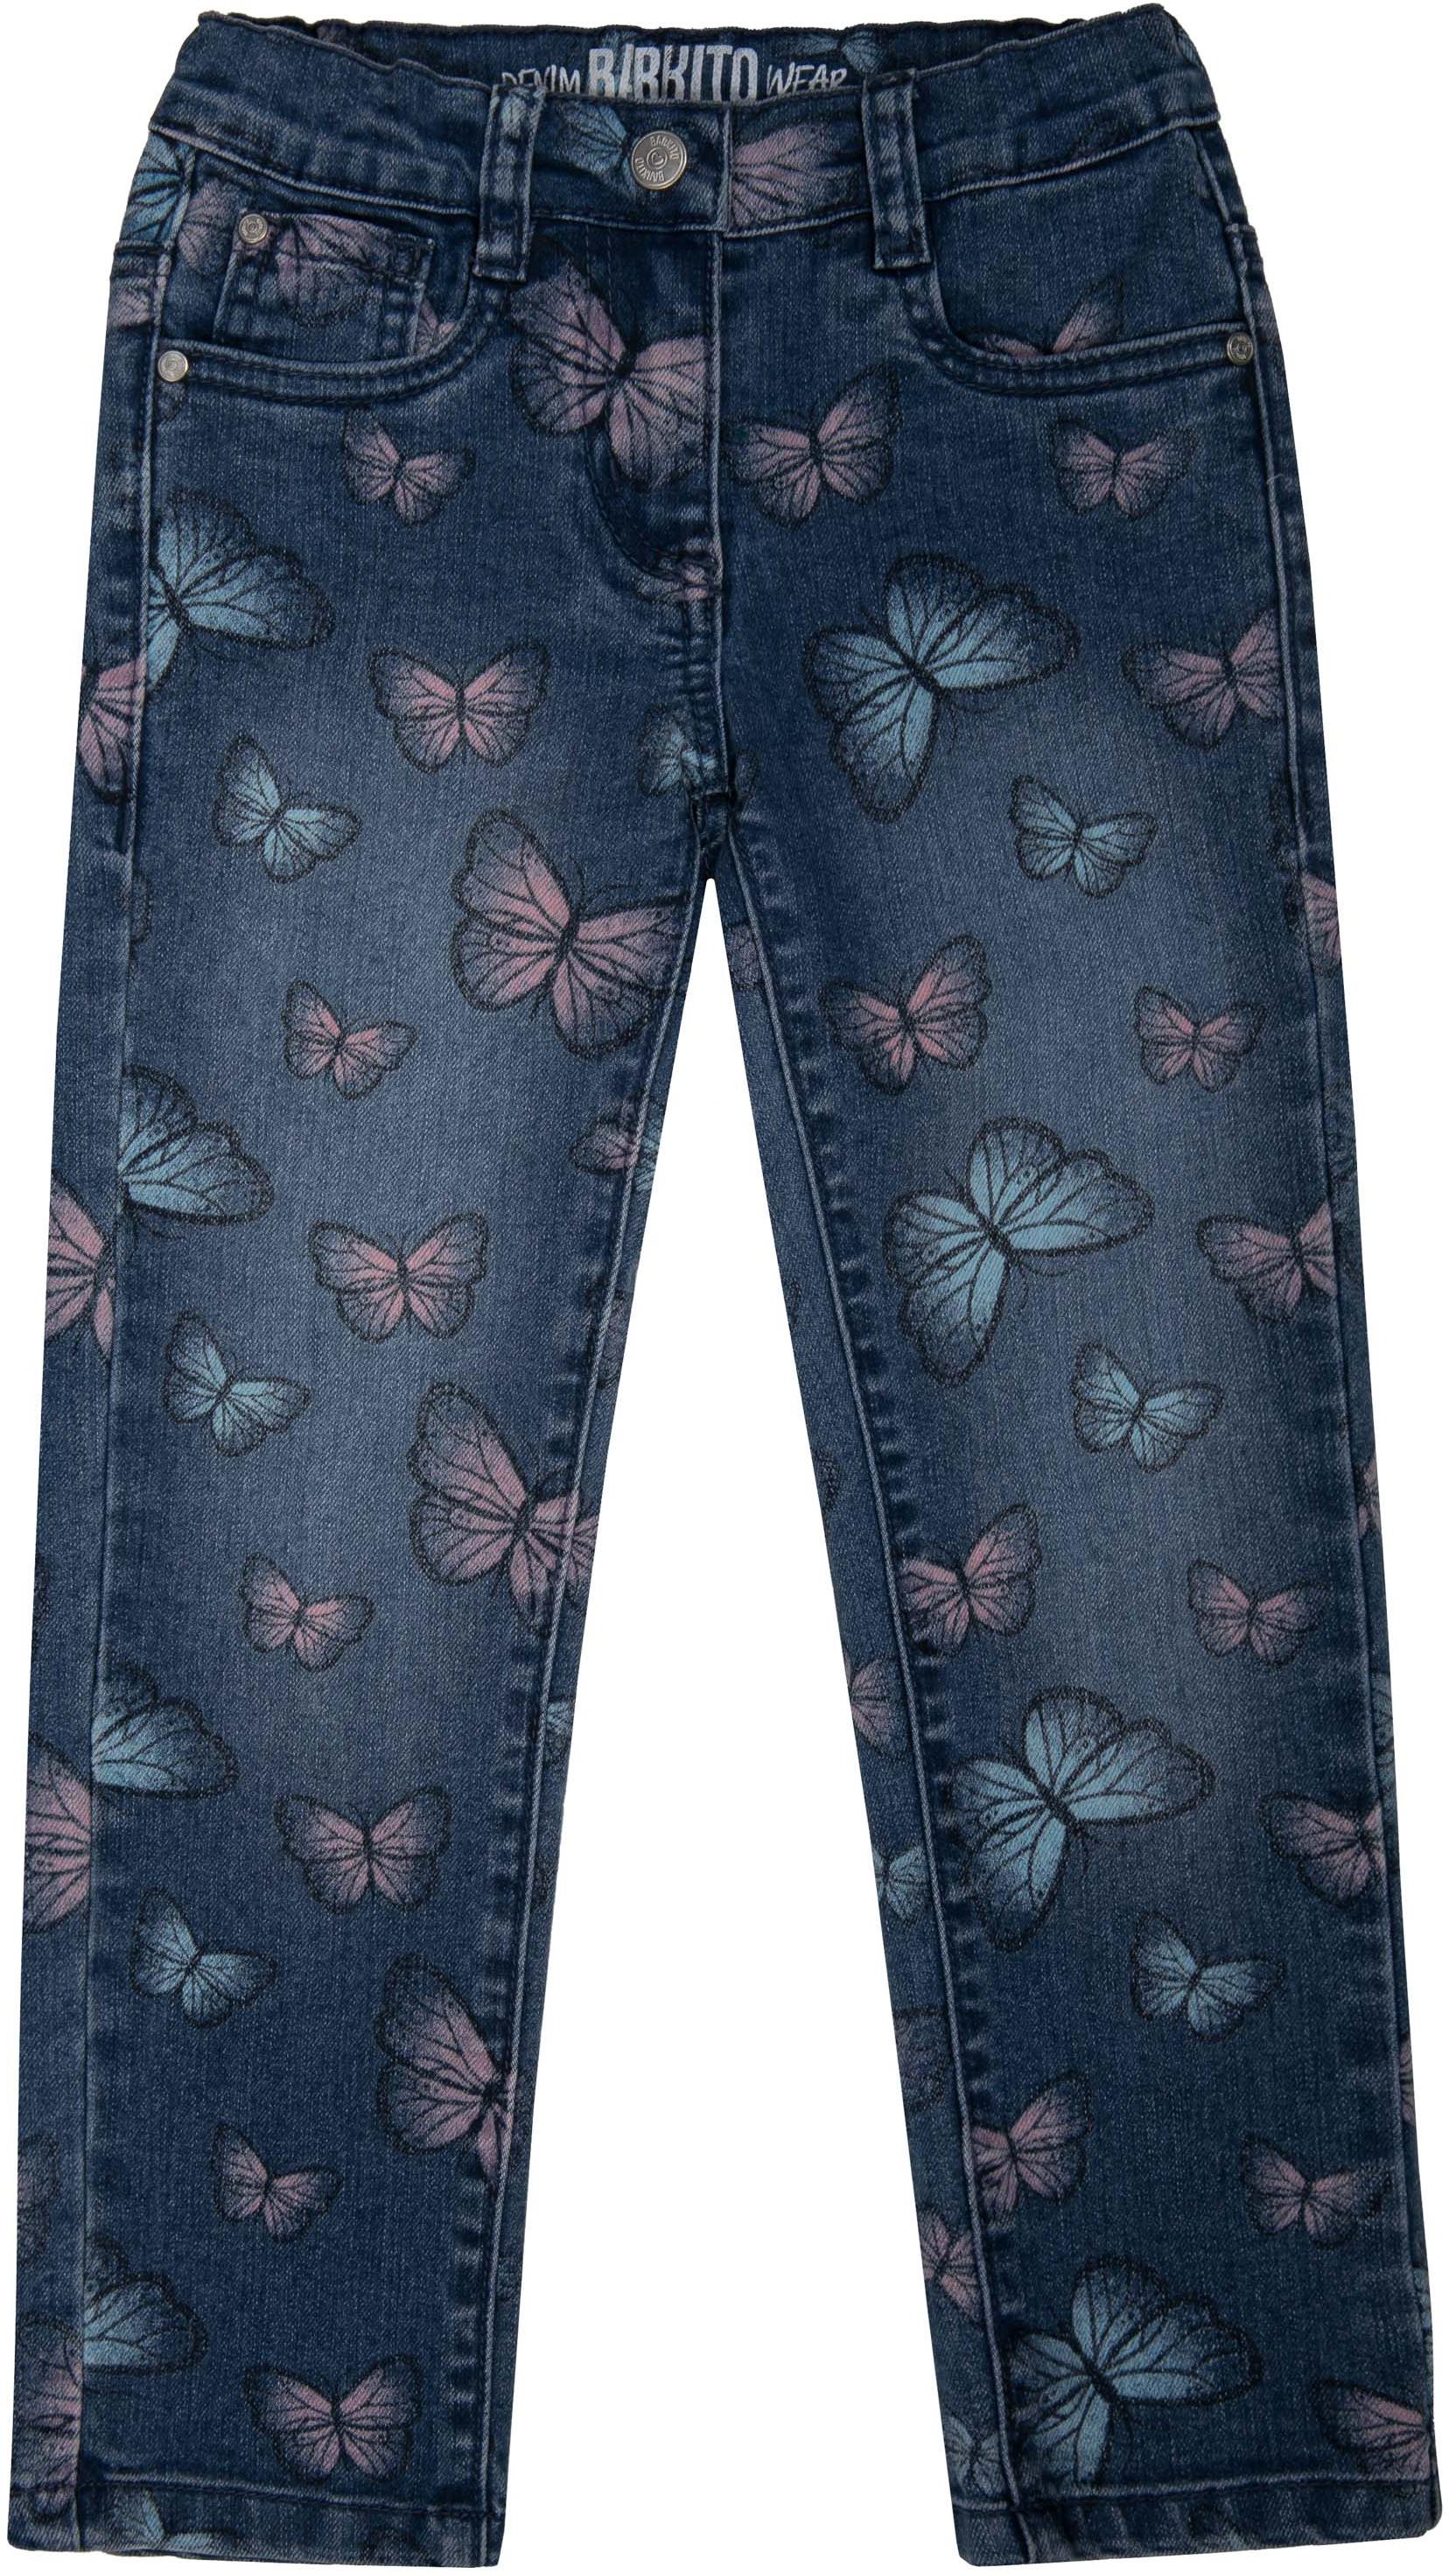 Джинсы Barkito Брюки модель Джинсы для девочки Barkito Деним, голубые с рисунком бабочки брюки джинсы и штанишки s'cool брюки для девочки hip hop 174059